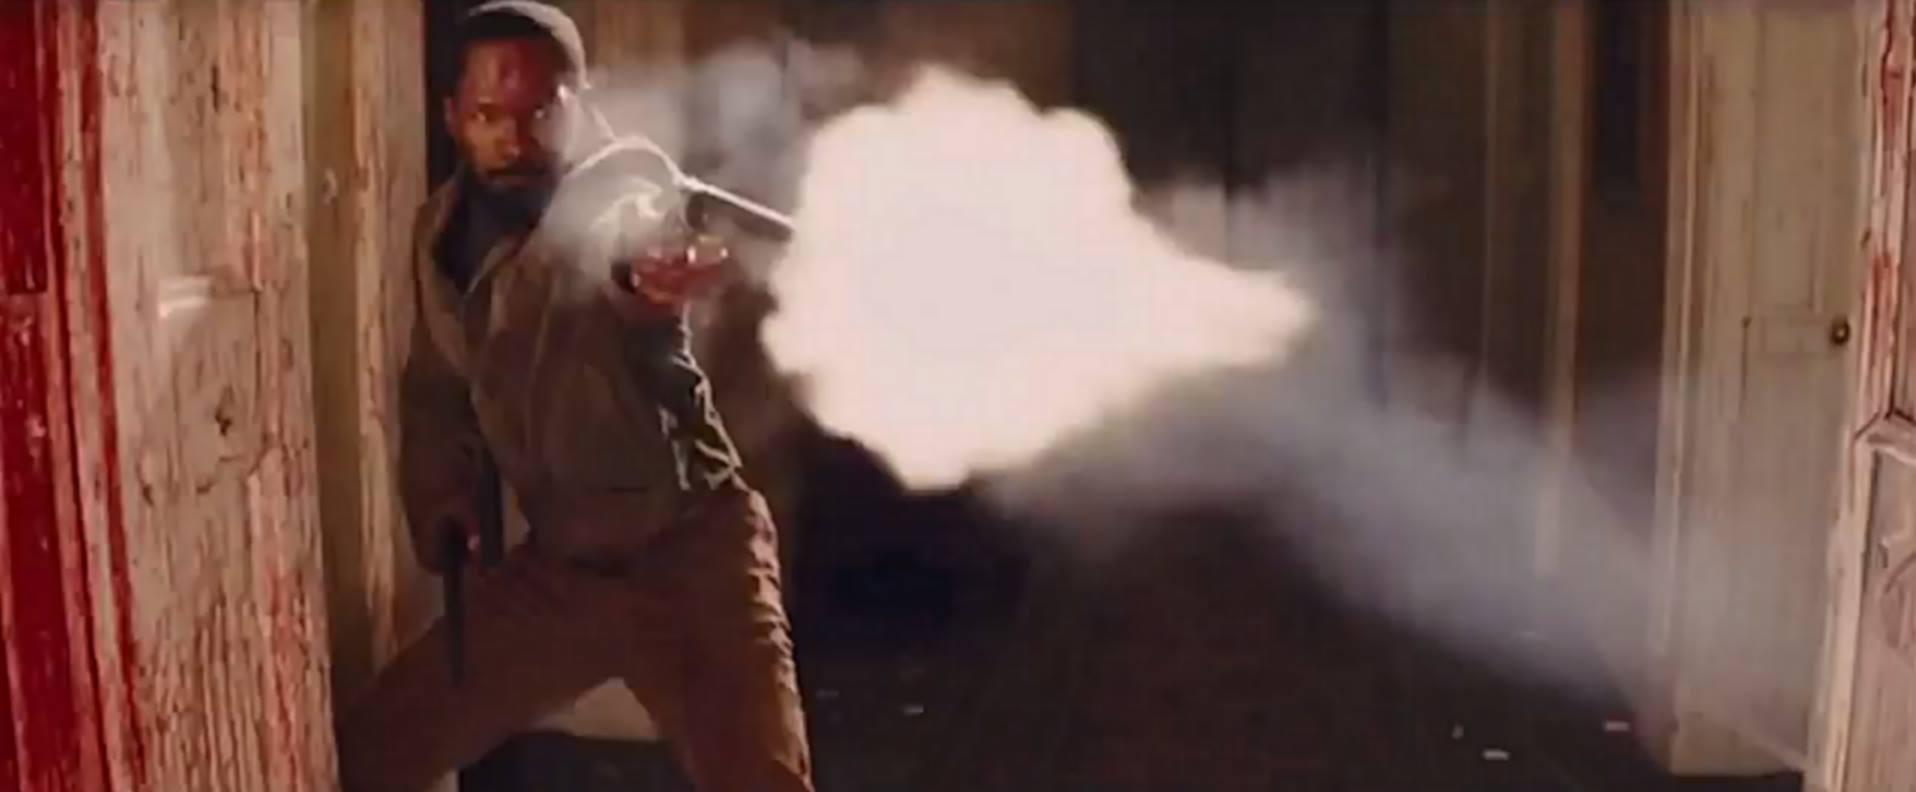 2013) Django Unchained (Q.Tarantino) - Nejlepší filmová přestřelka vůbec